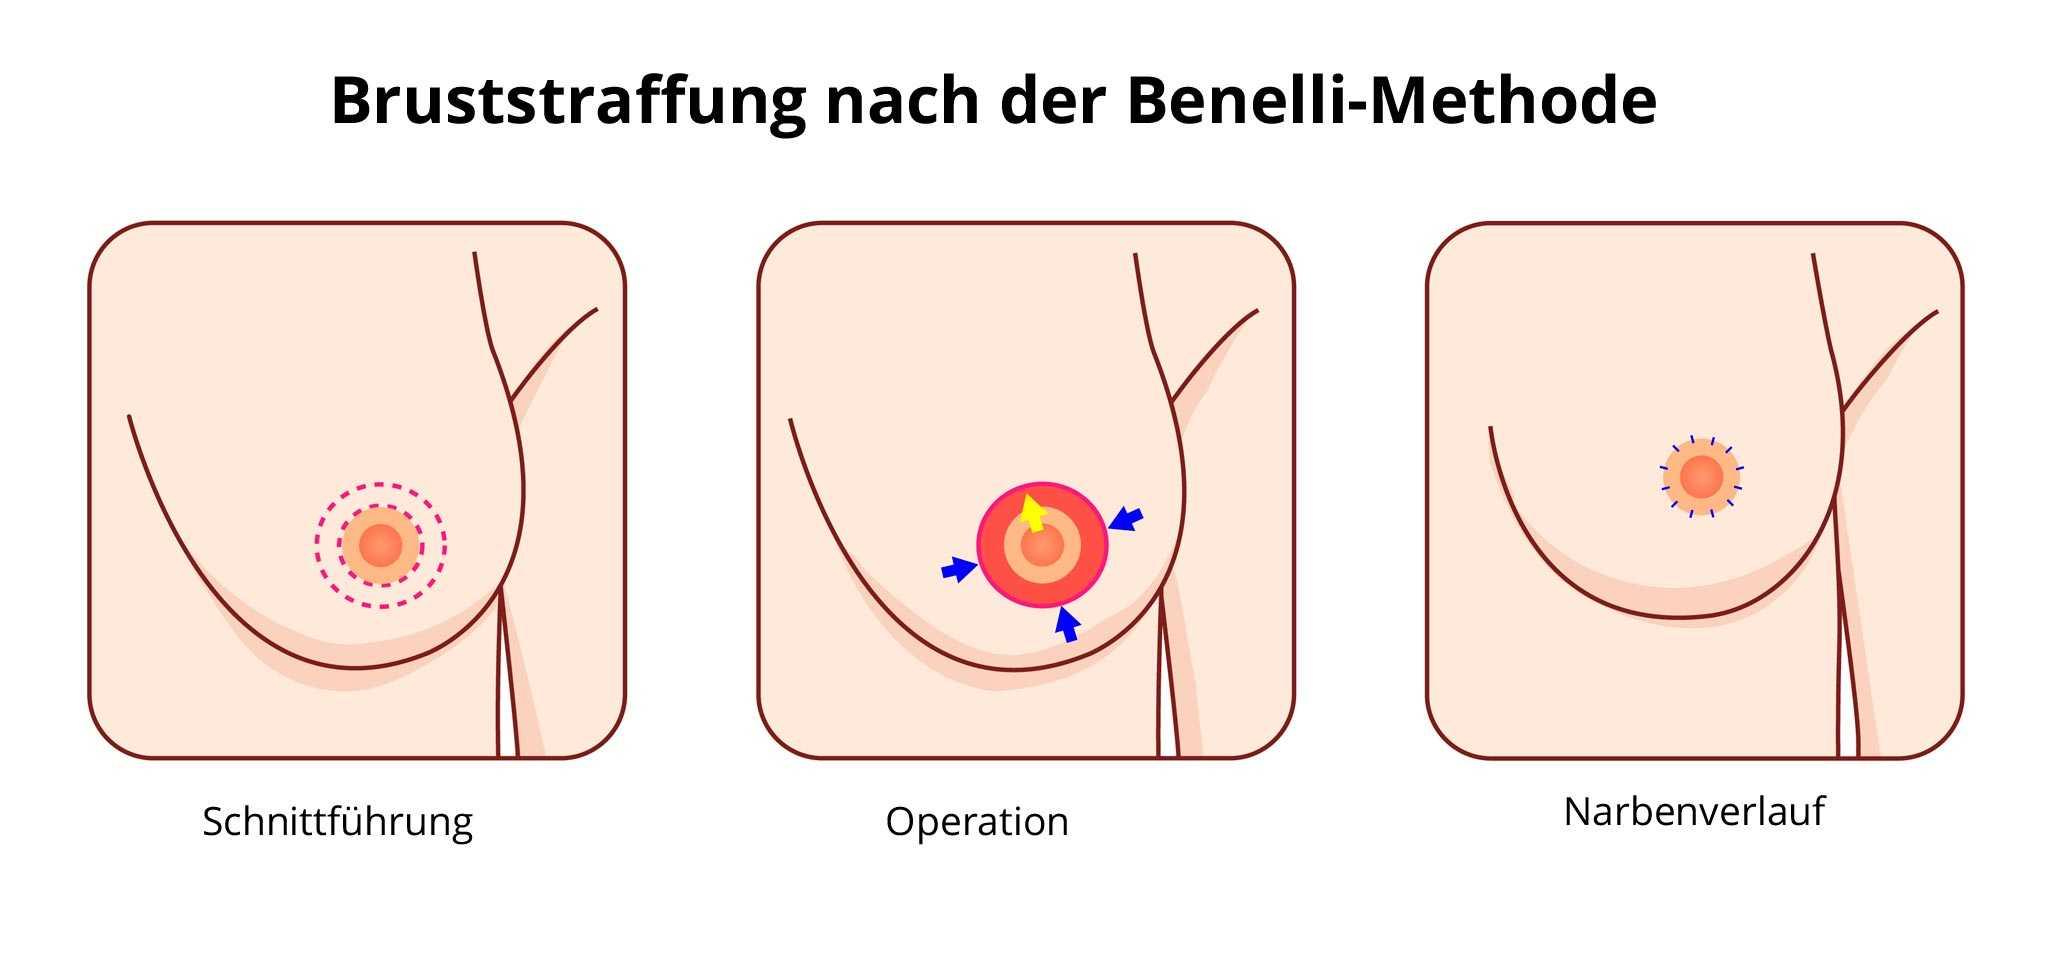 Nachher brustwarzen schwangerschaft vorher Die Brust